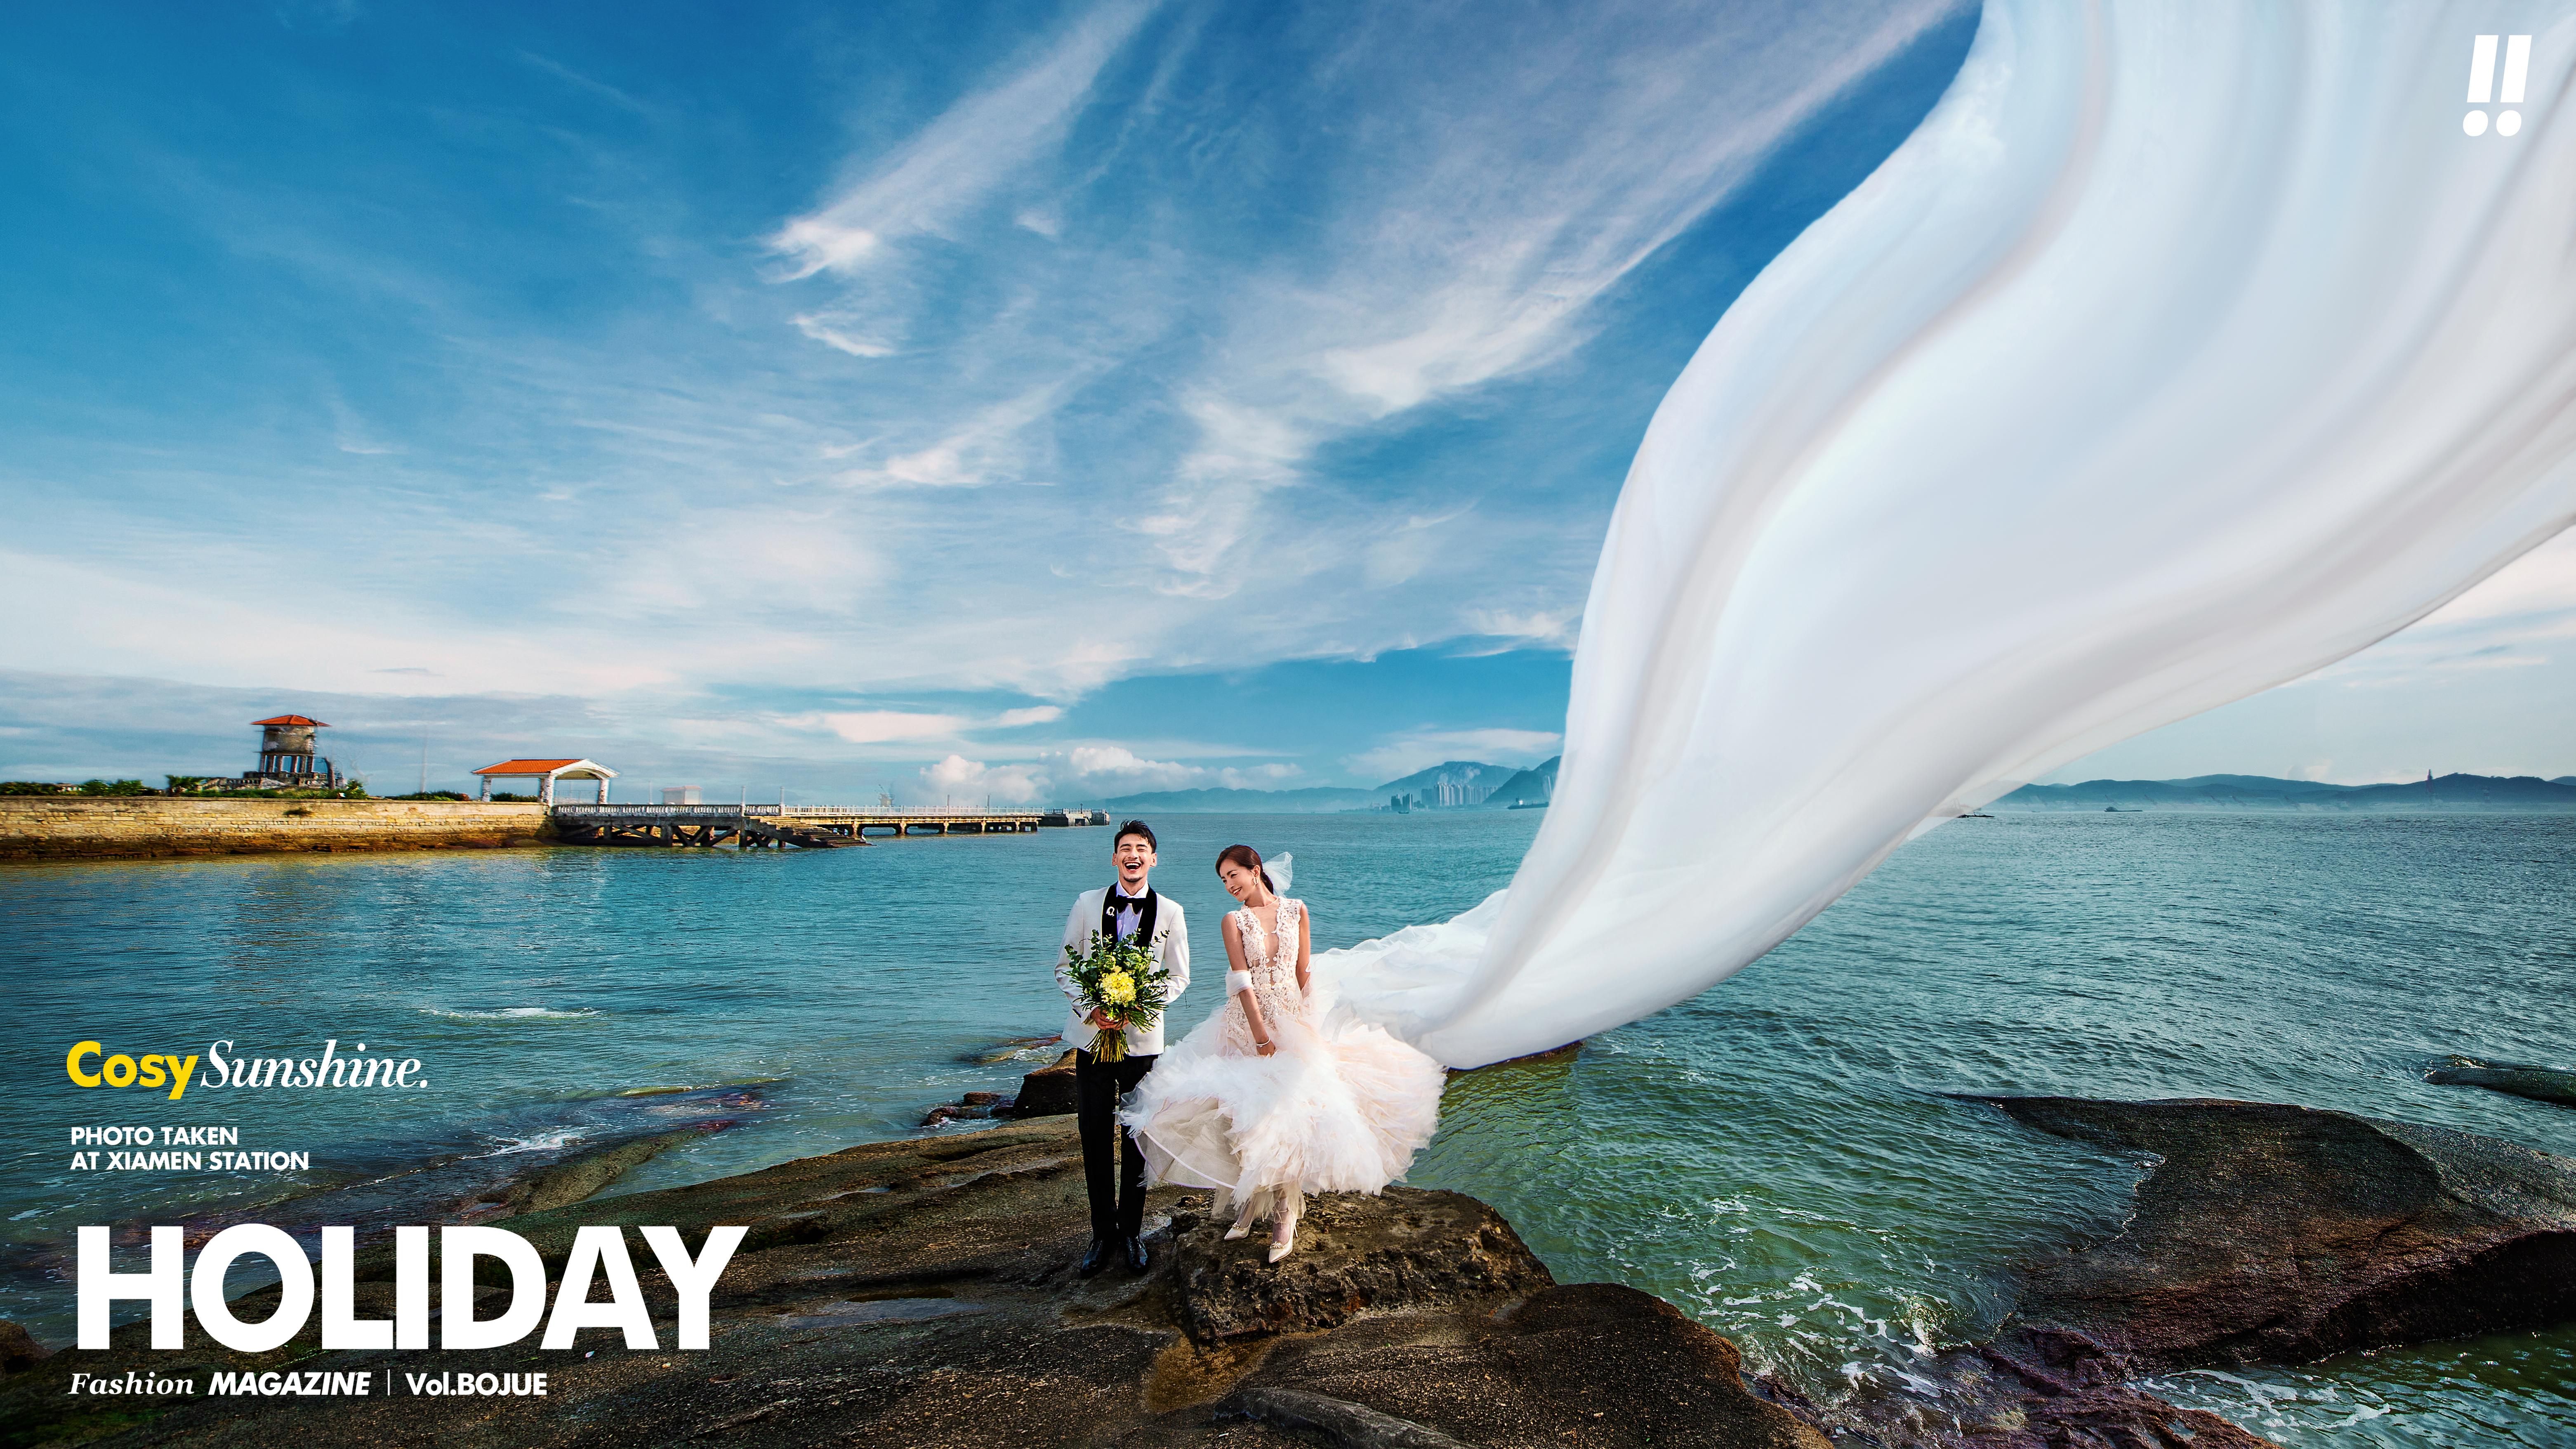 想拍好水下婚纱照要做好哪些准备 拍水下婚纱照多少钱